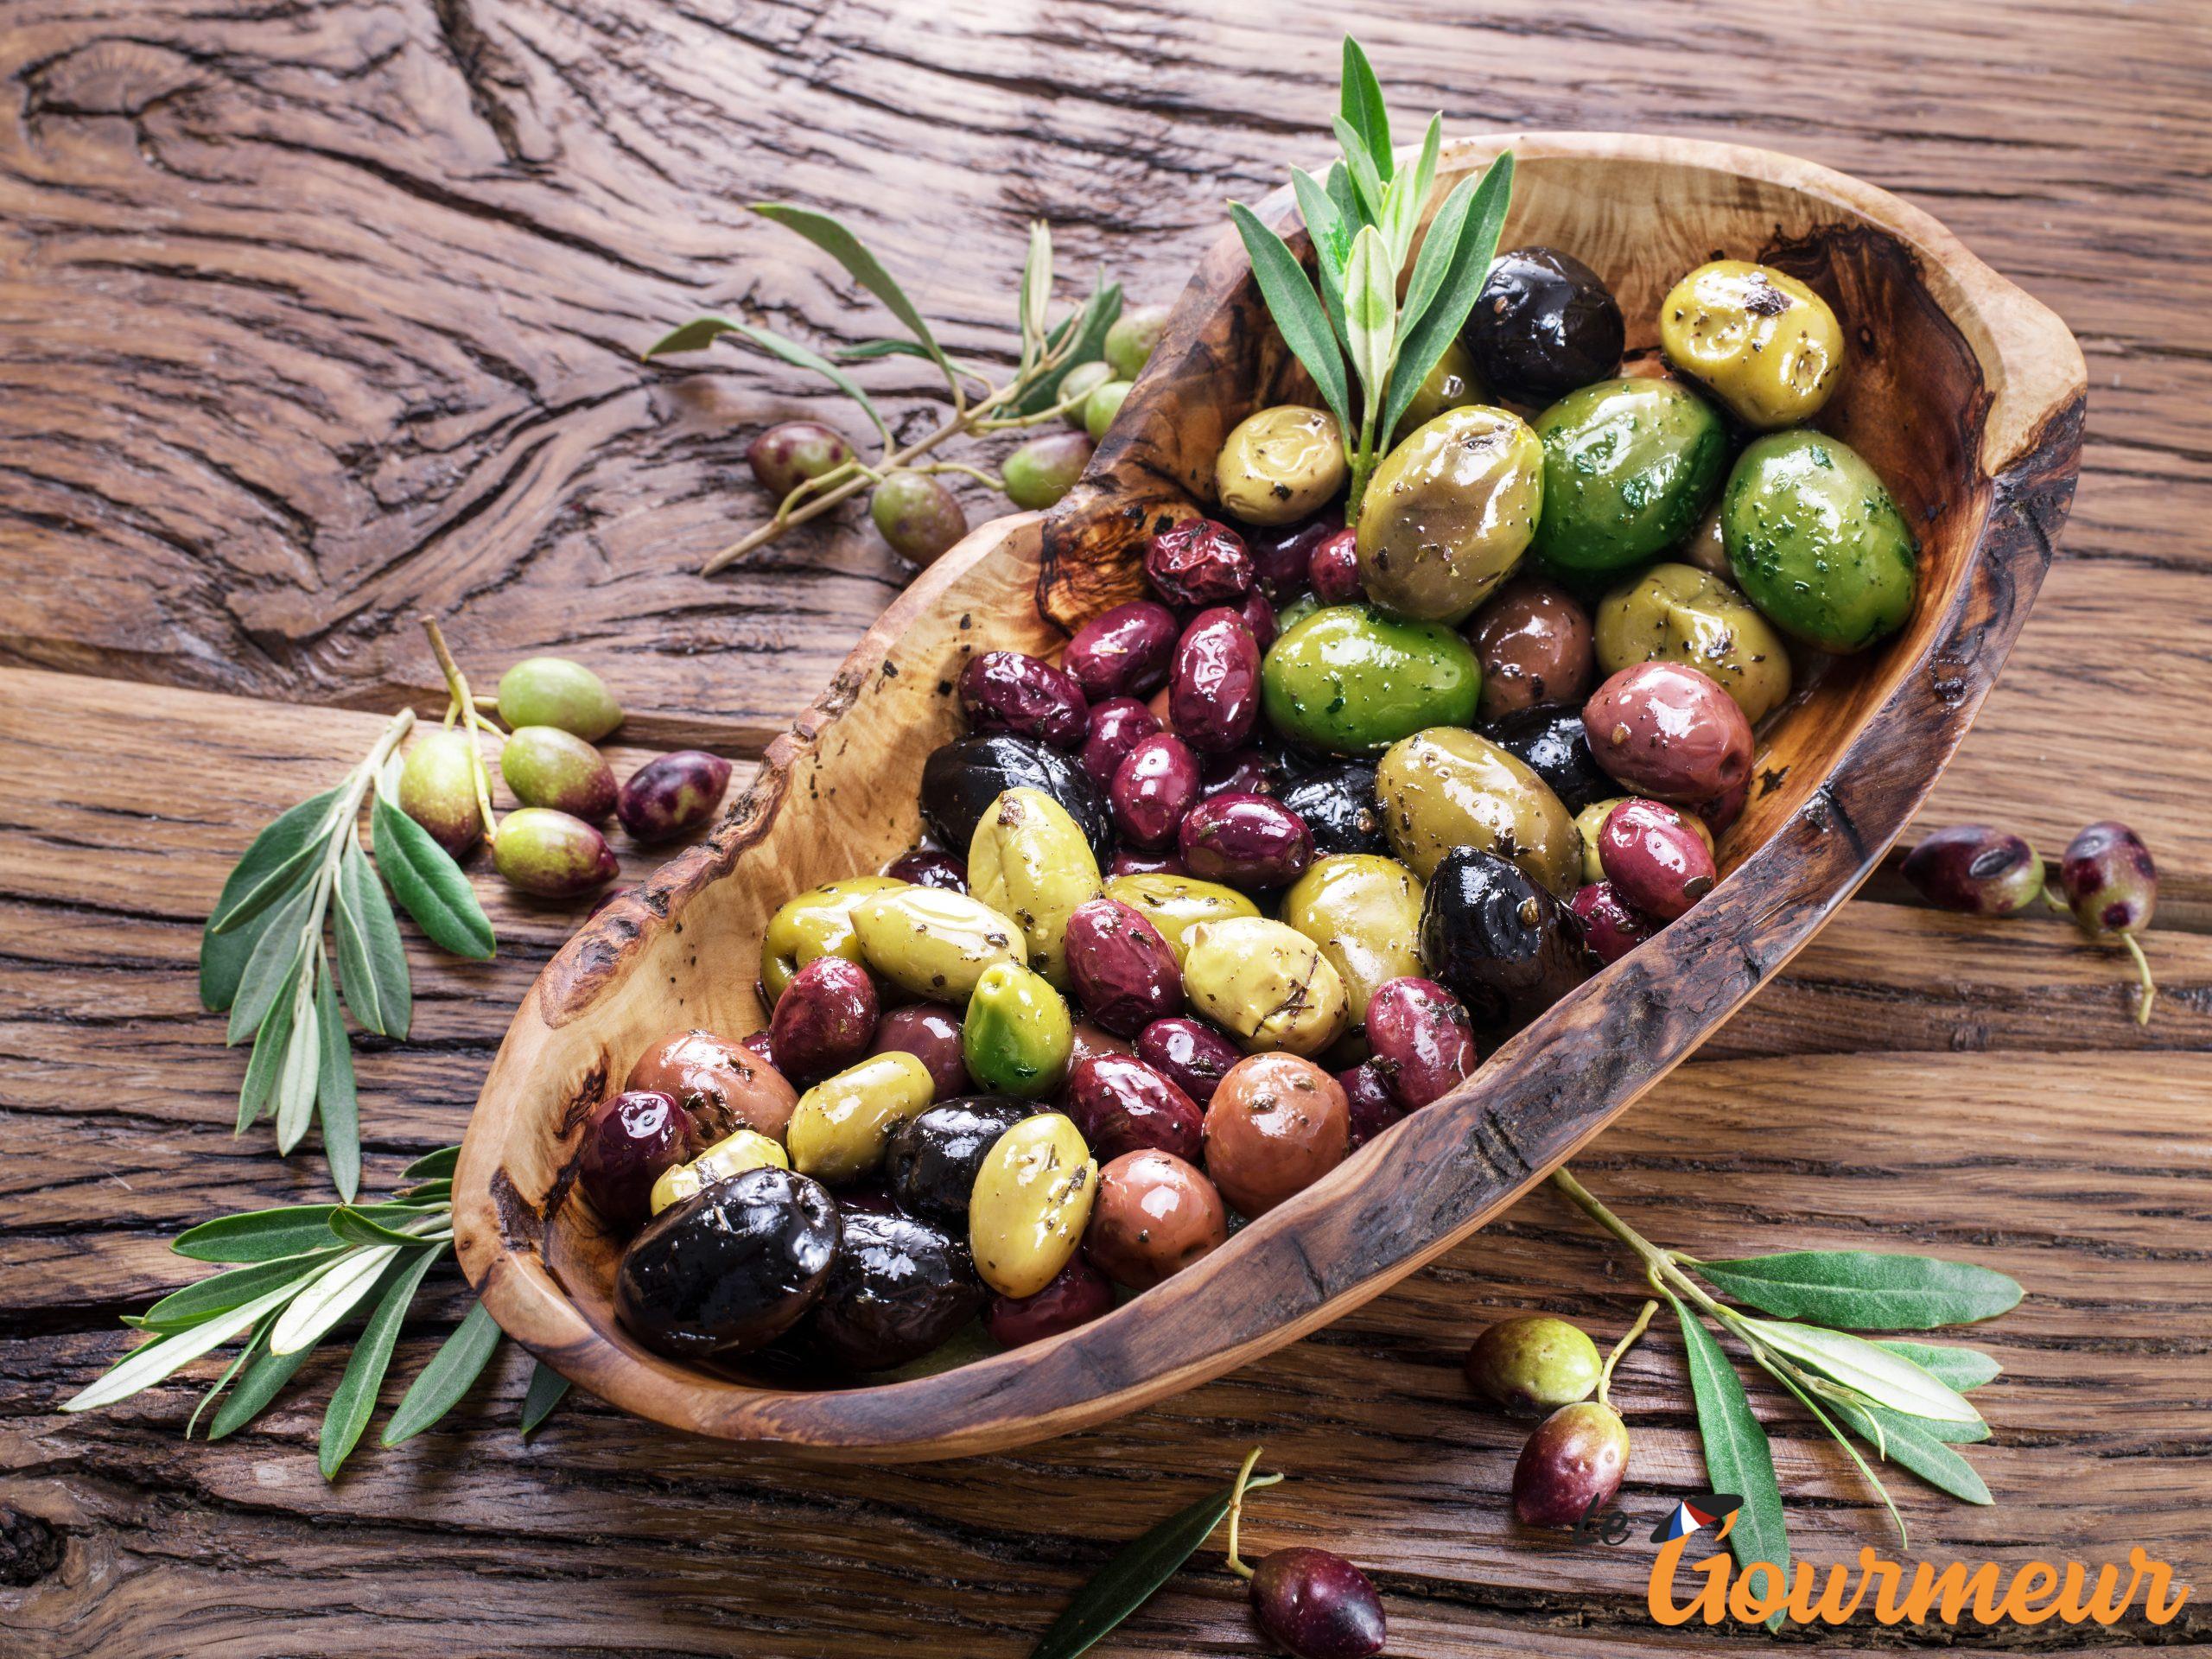 Olives de table en Languedoc-Roussillon et ses AOP occitanie